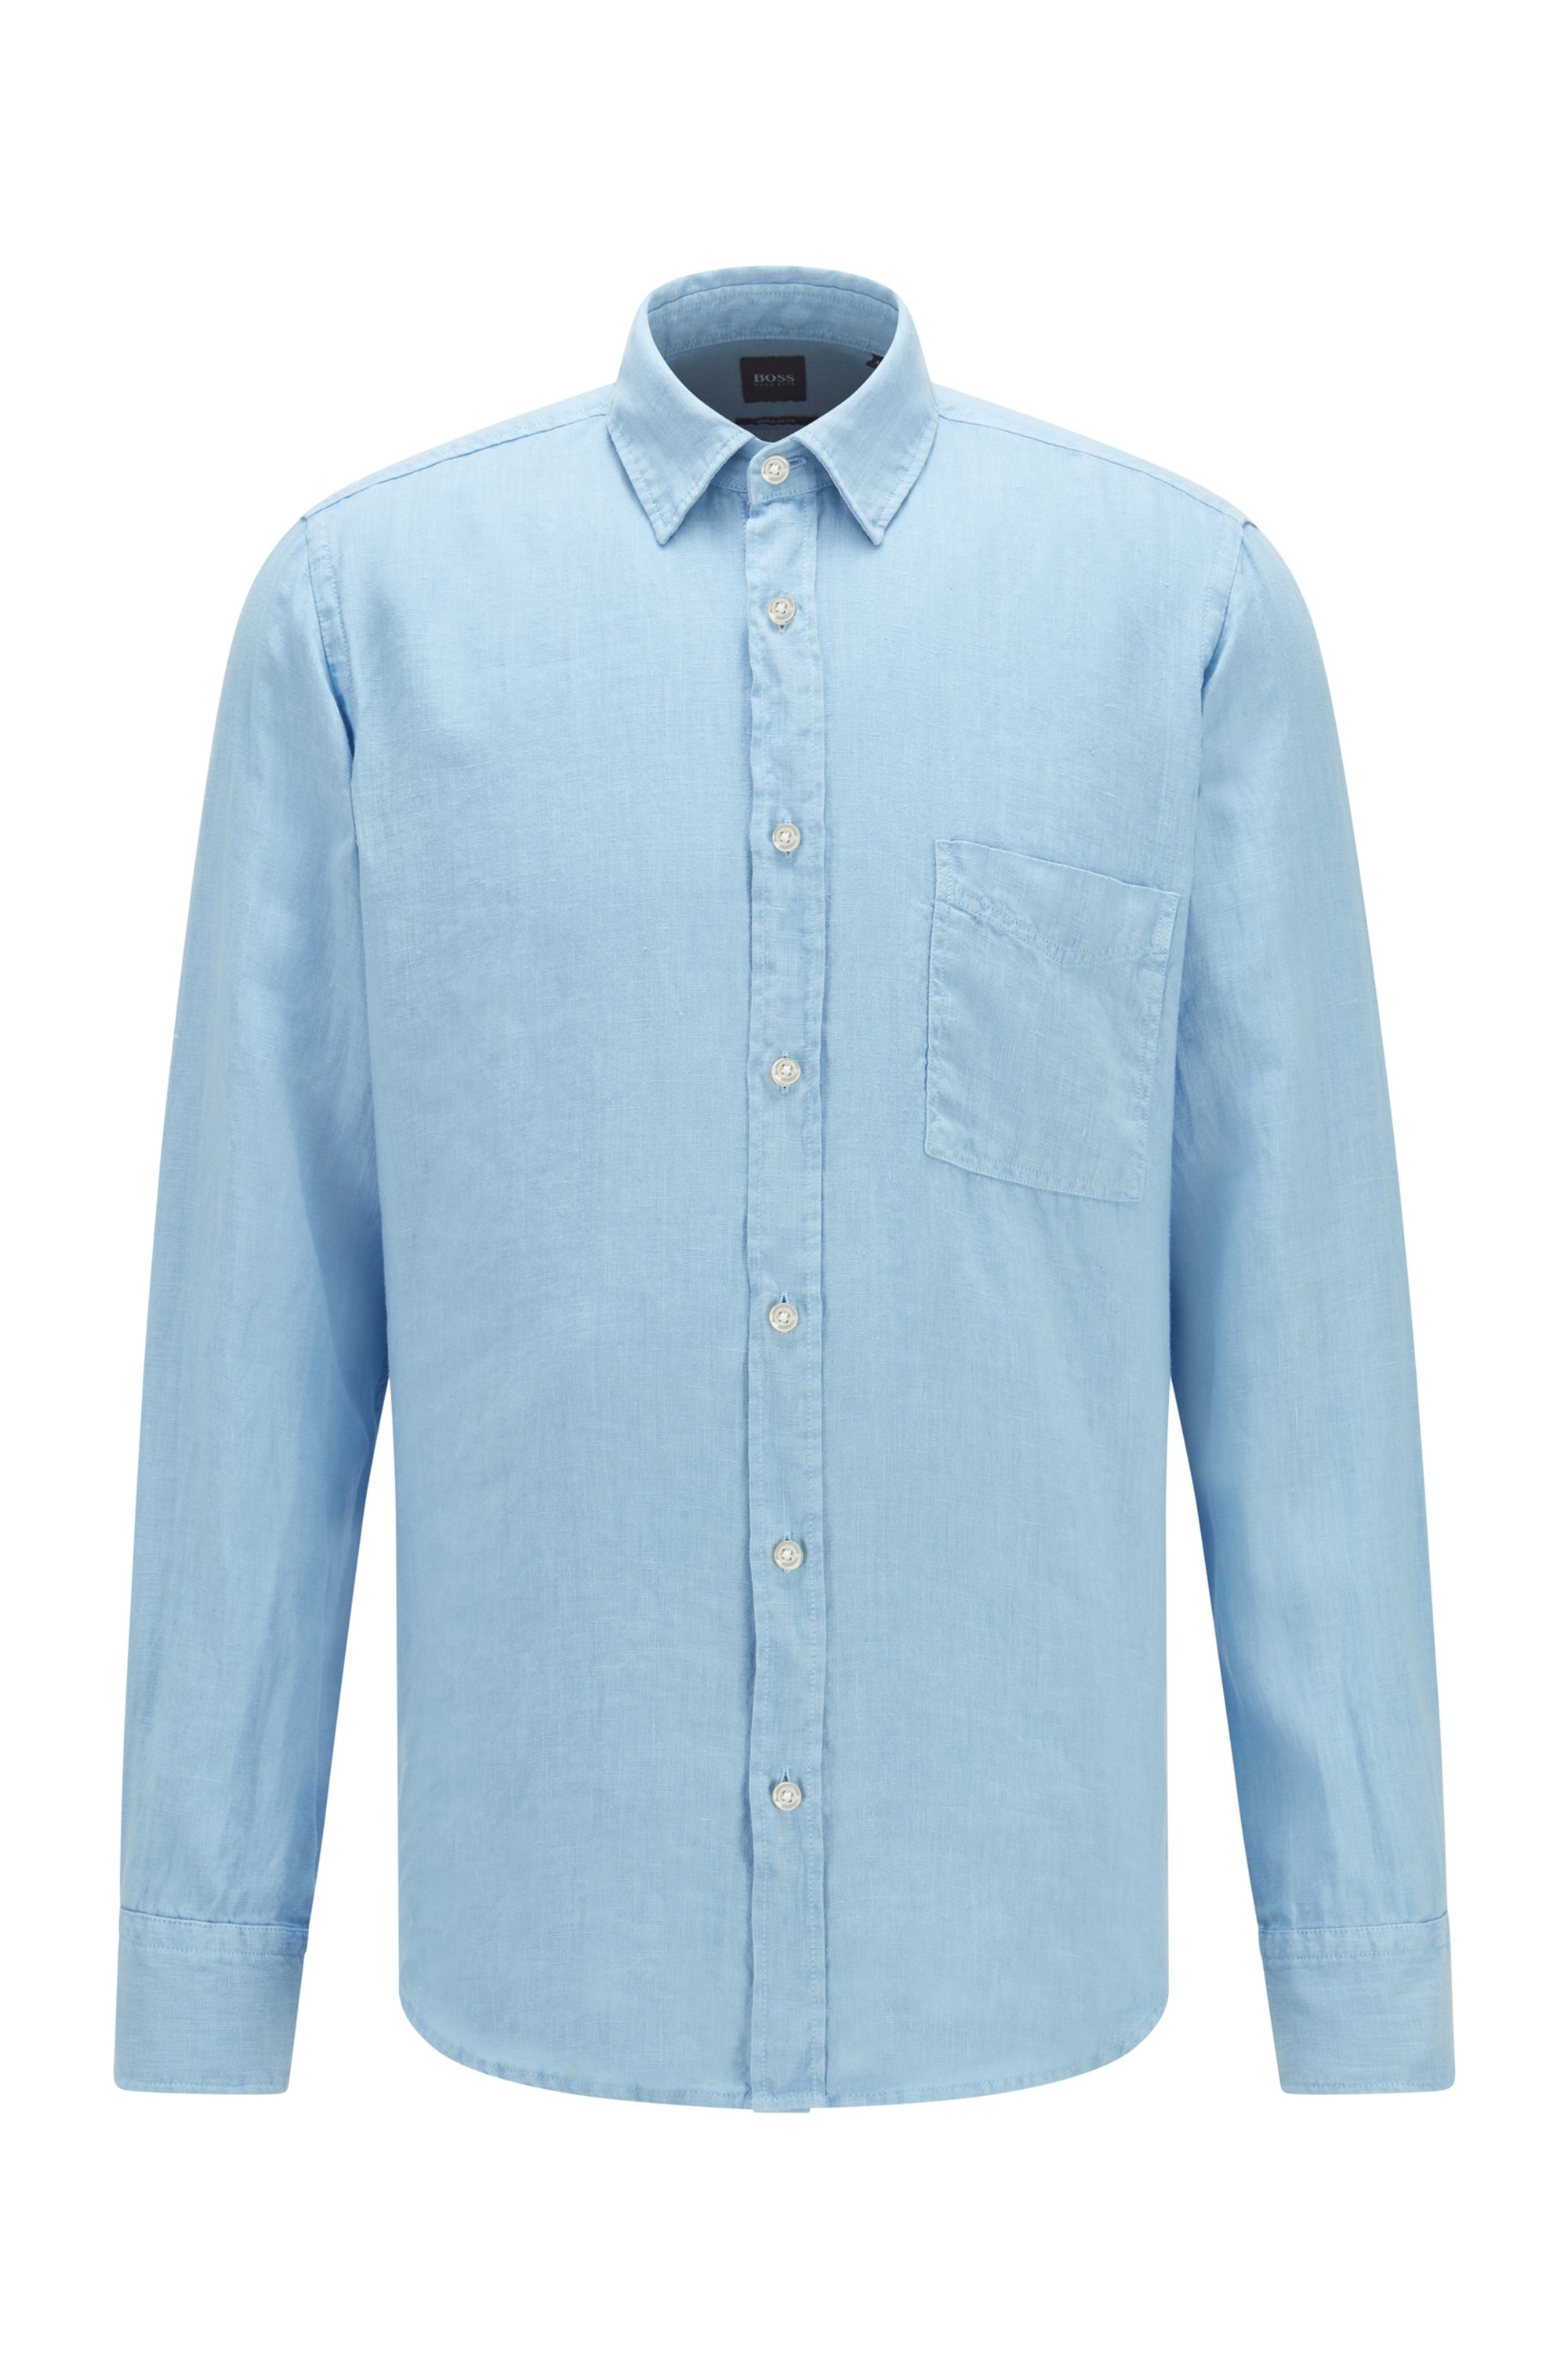 Regular-Fit Hemd aus reinem Leinen mit Logo-Fähnchen, Hellblau